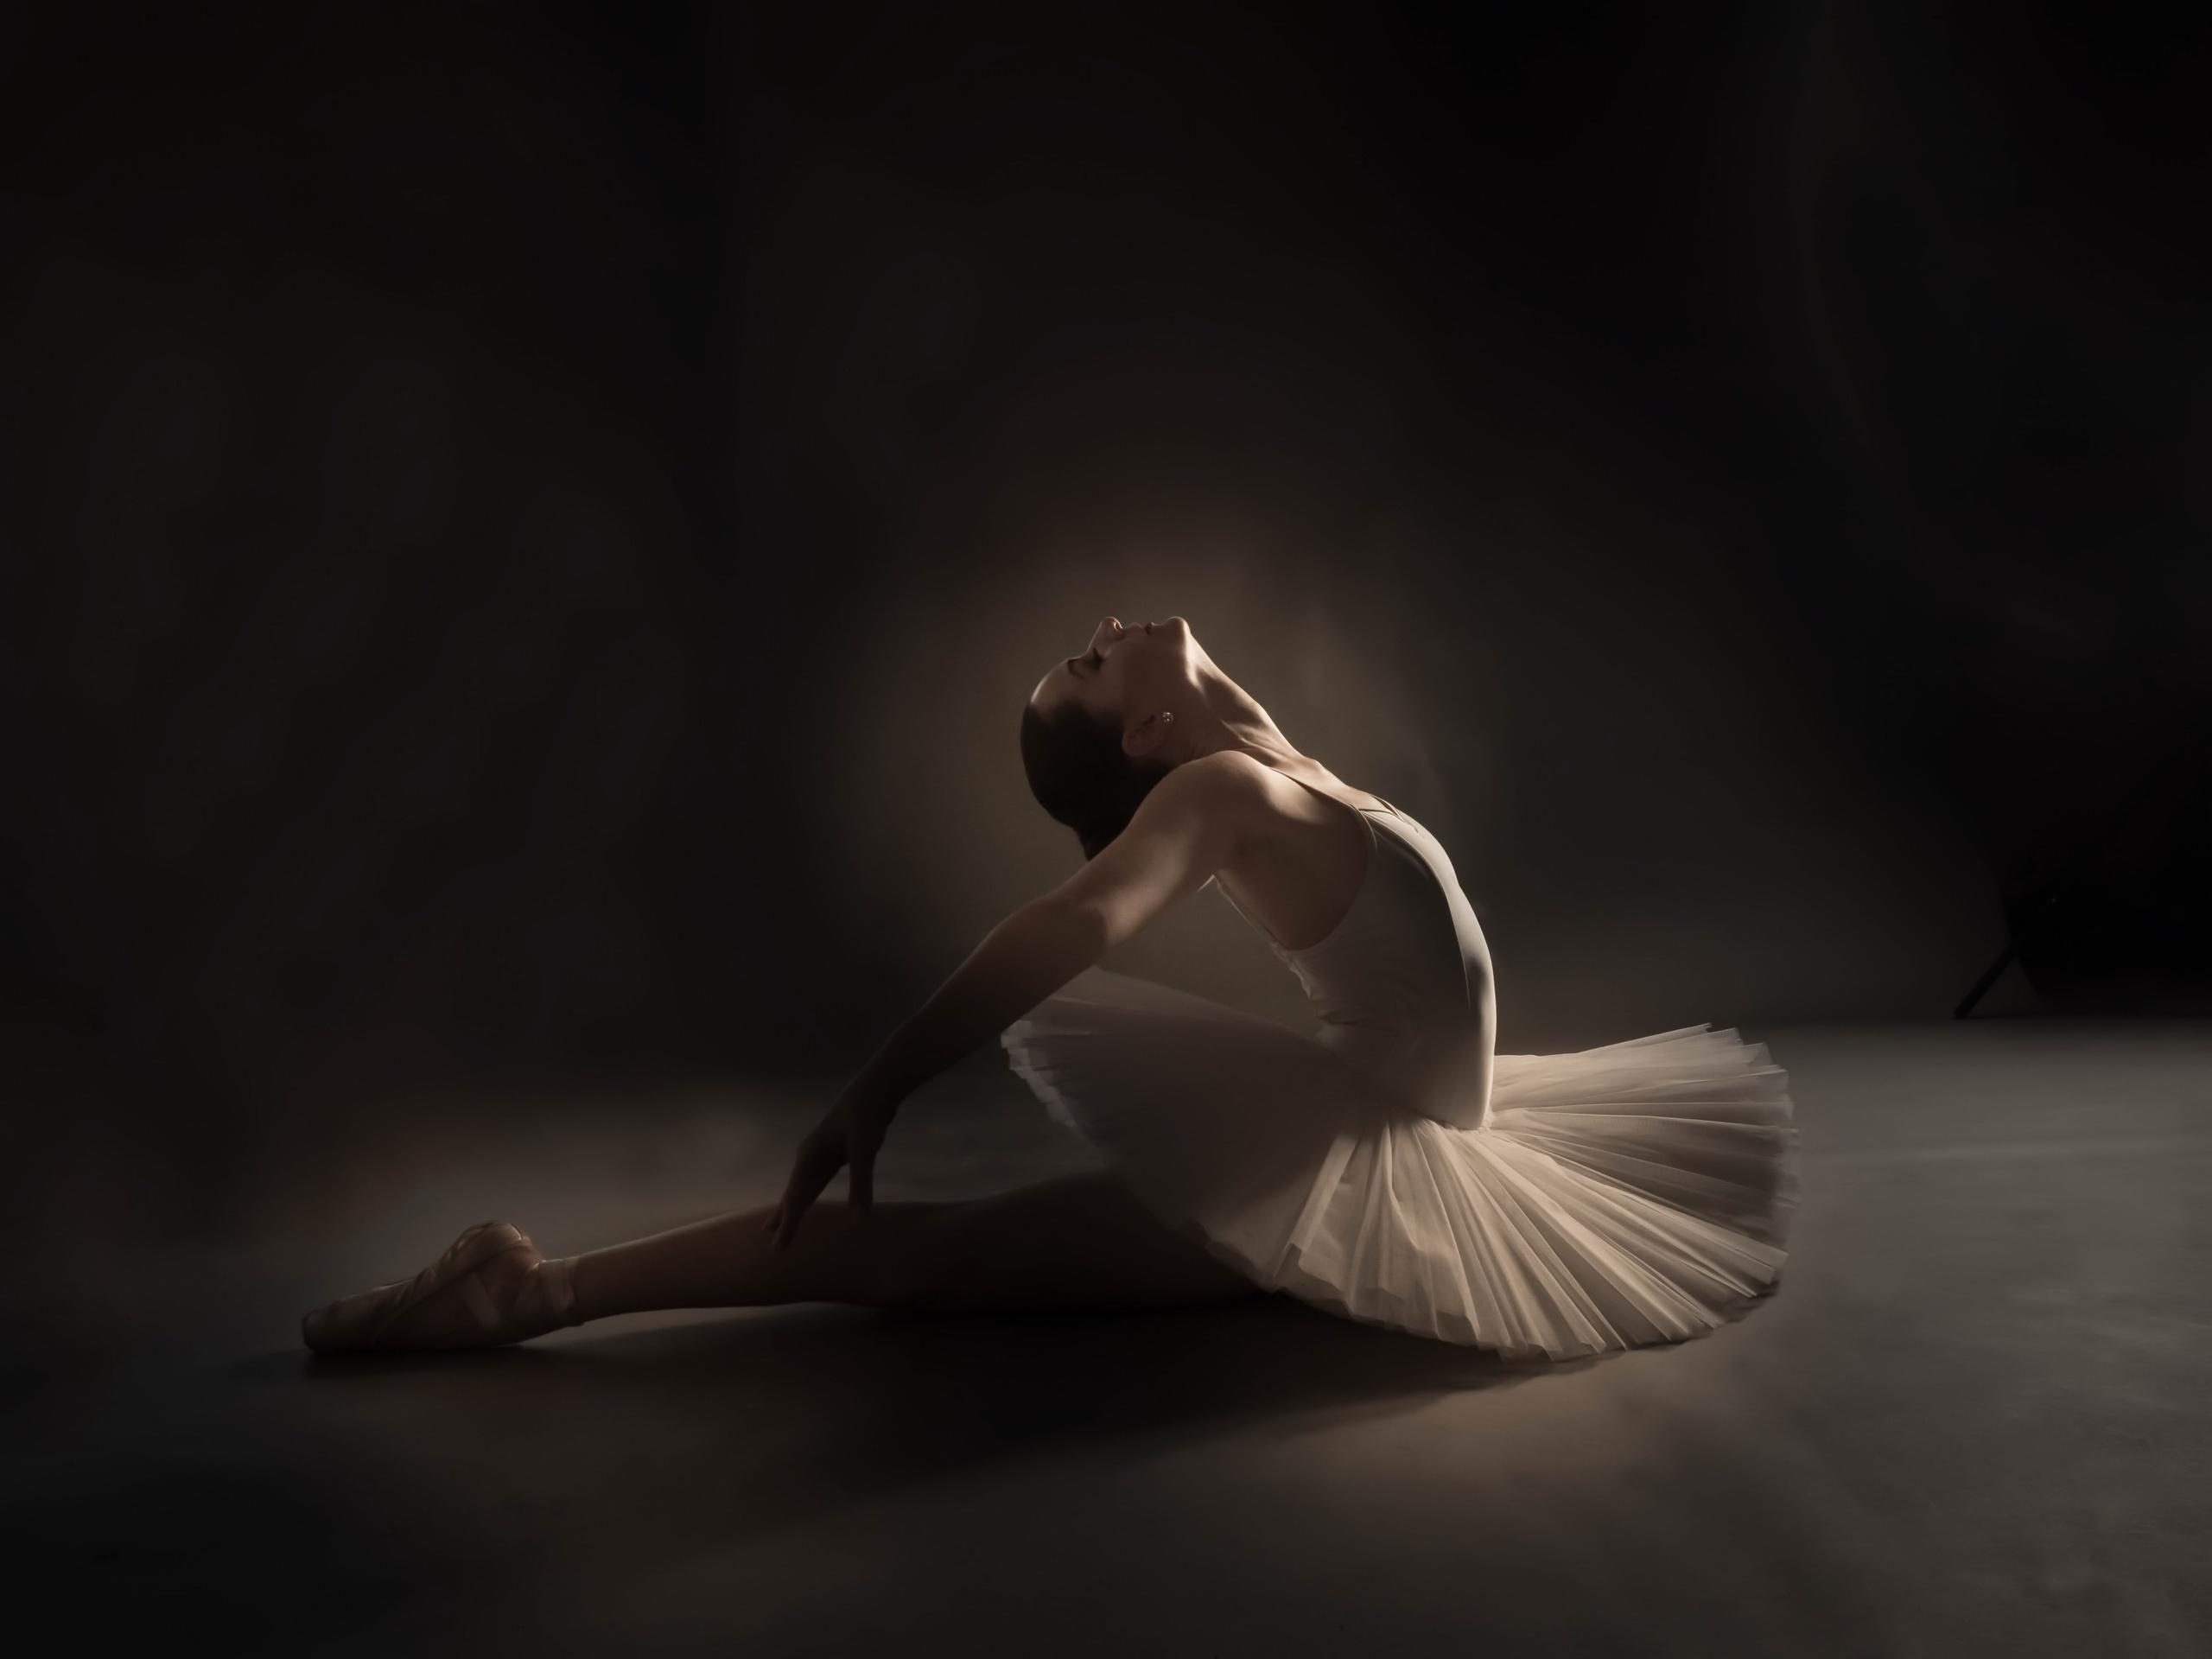 приготовлении грибов изящные балерины картинки может она